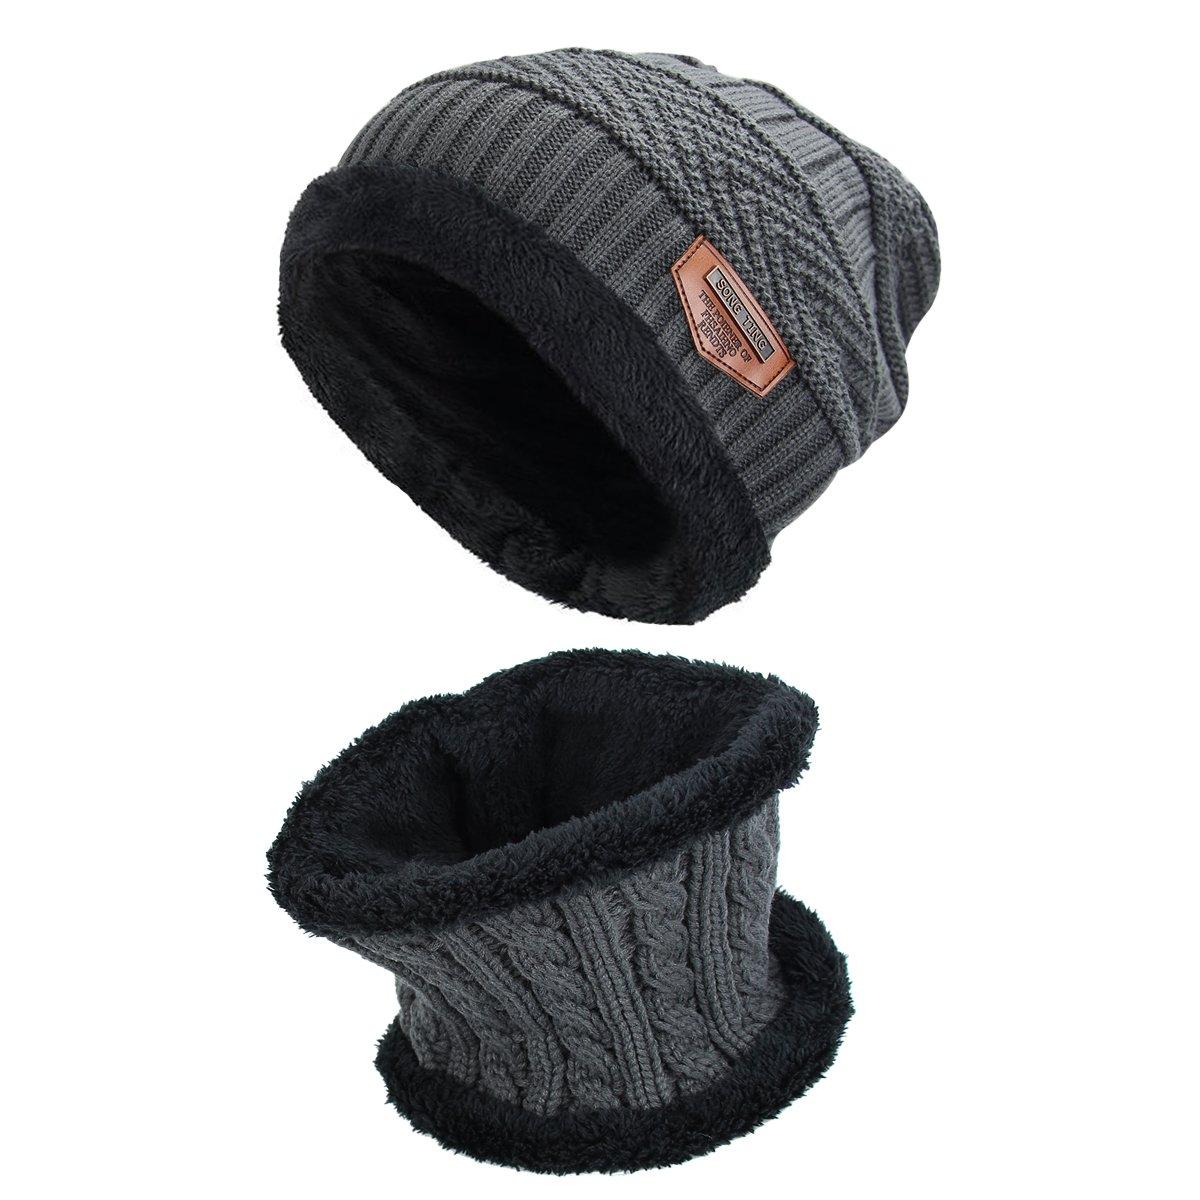 Conjunto de sombrero y Bufanda , hombre y mujer sombrero Caliente de Punto y Bufanda de Forro de Lana, 2 Piezas (50 - 60cm, Gris ) RUNFON